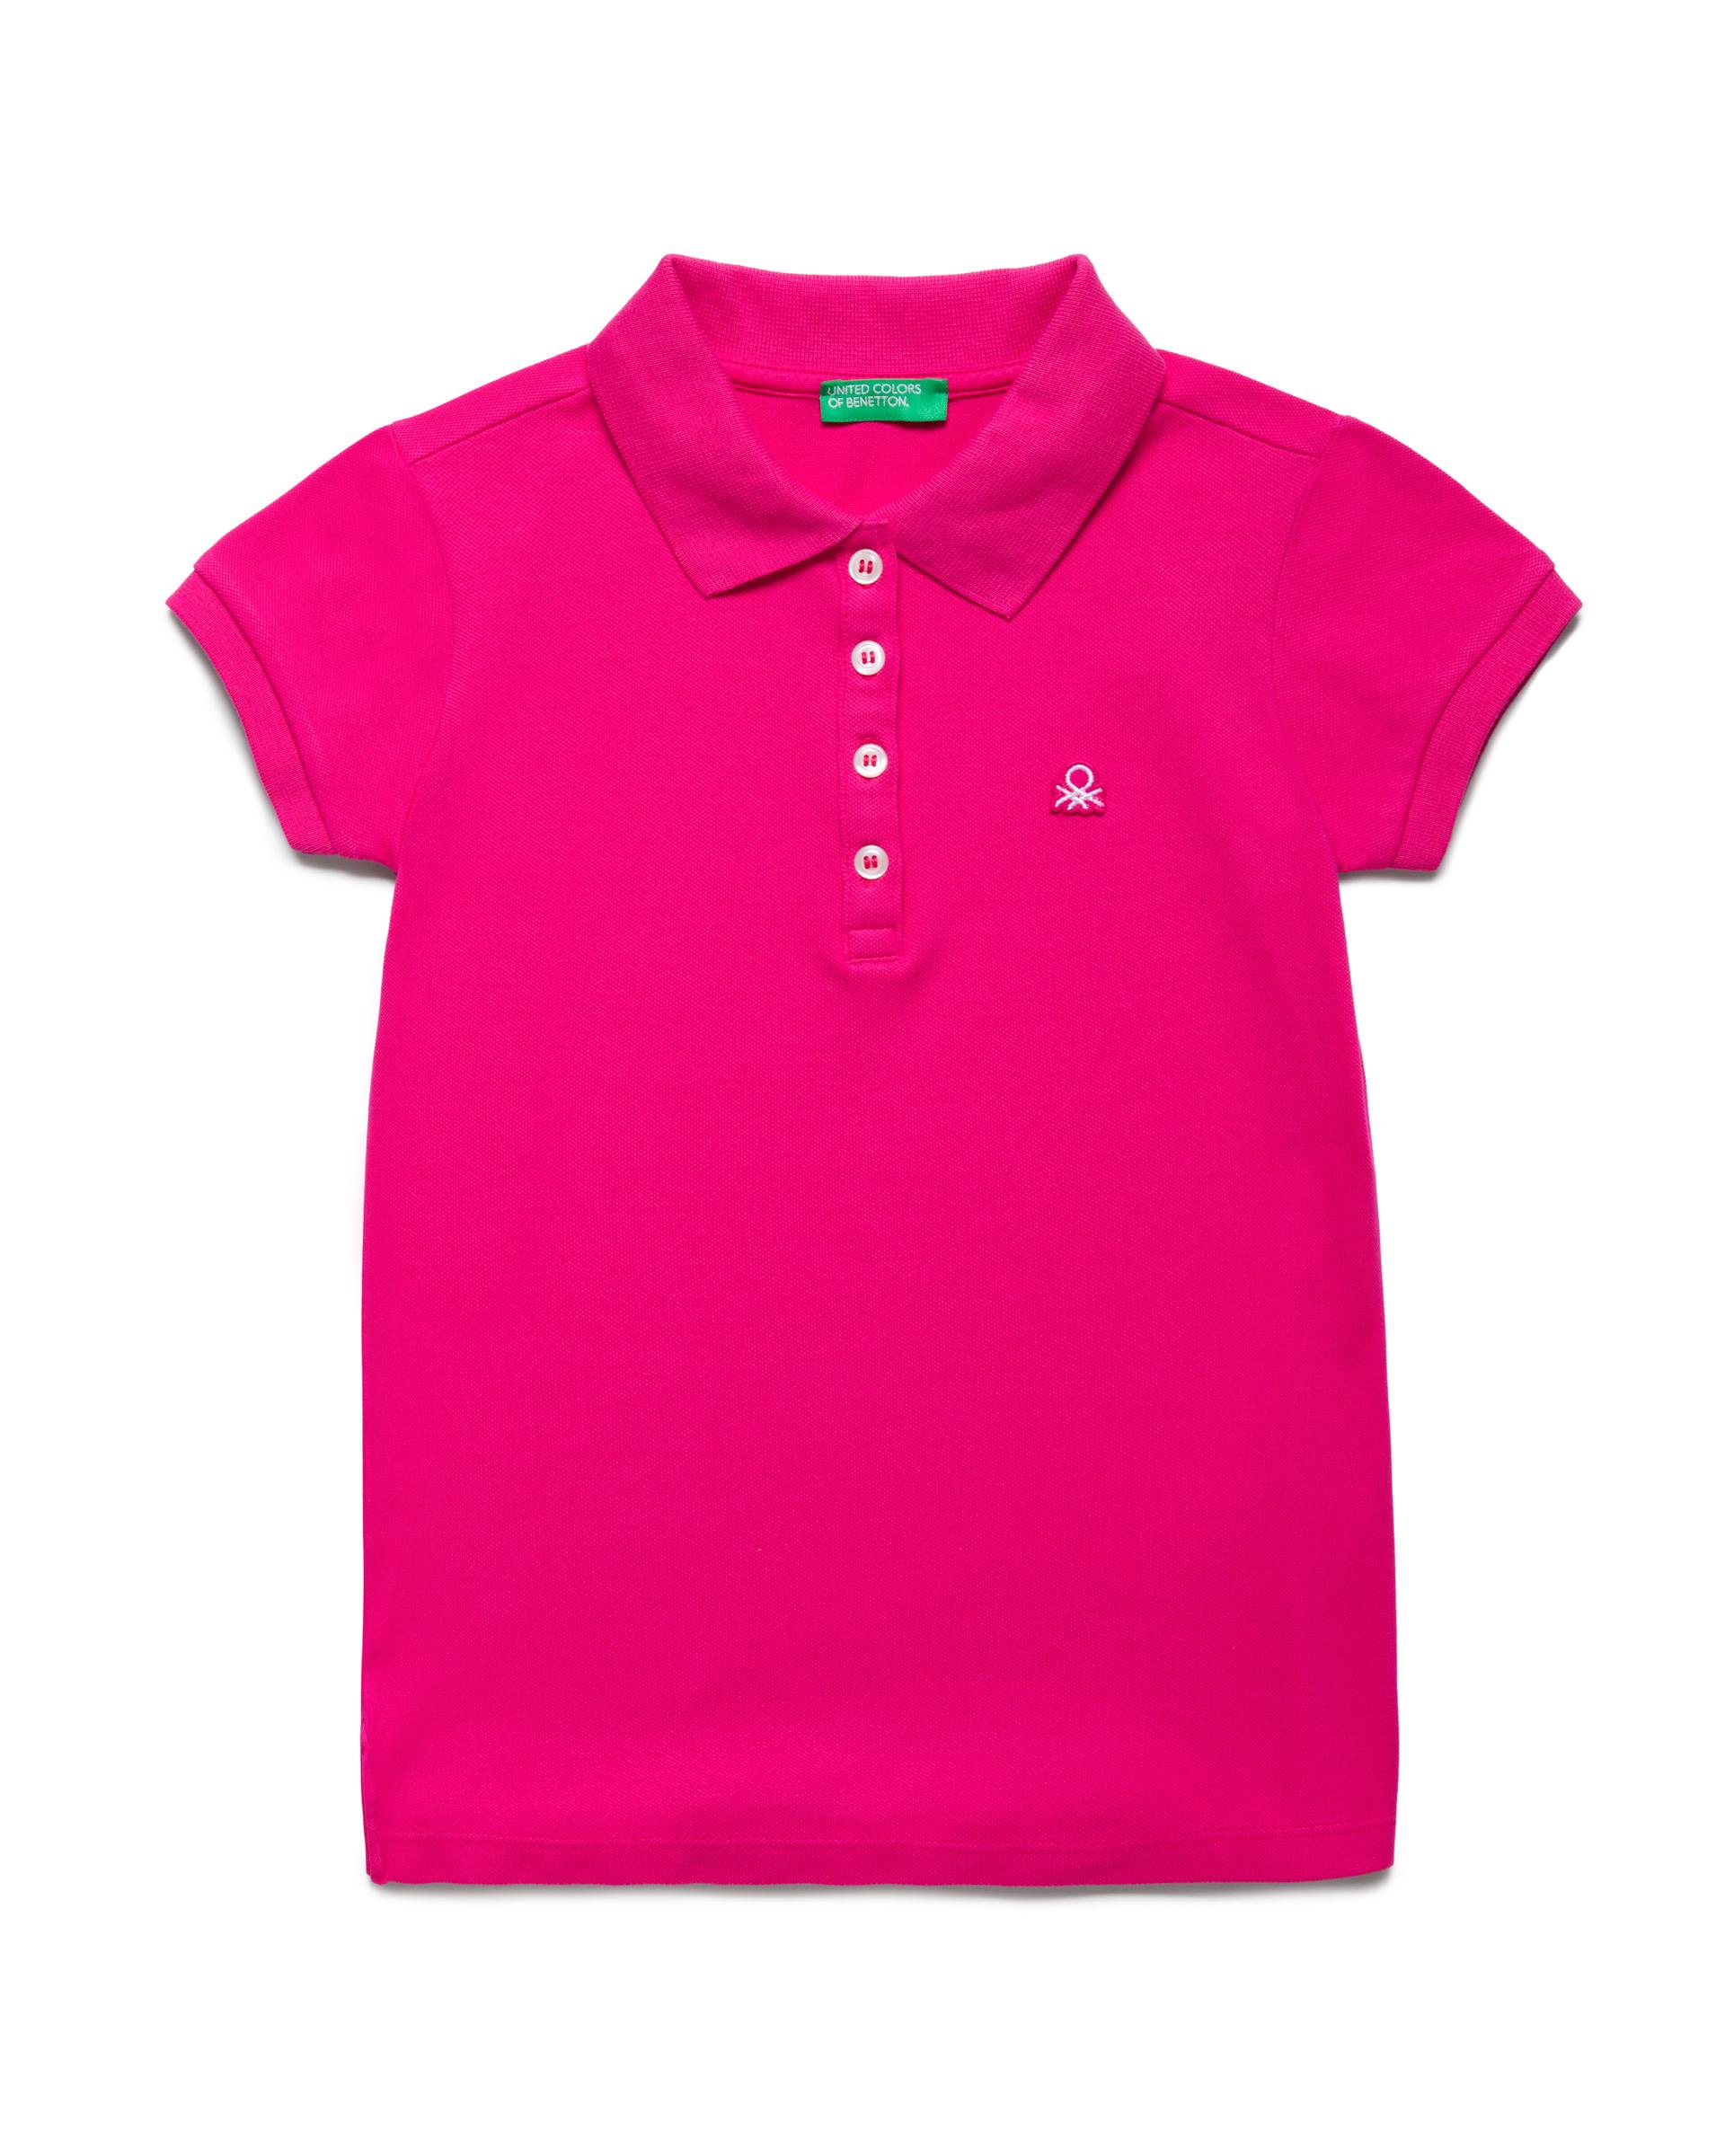 Купить 20P_3WG9C3092_2L3, Поло-пике для девочек Benetton 3WG9C3092_2L3 р-р 170, United Colors of Benetton, Детские футболки